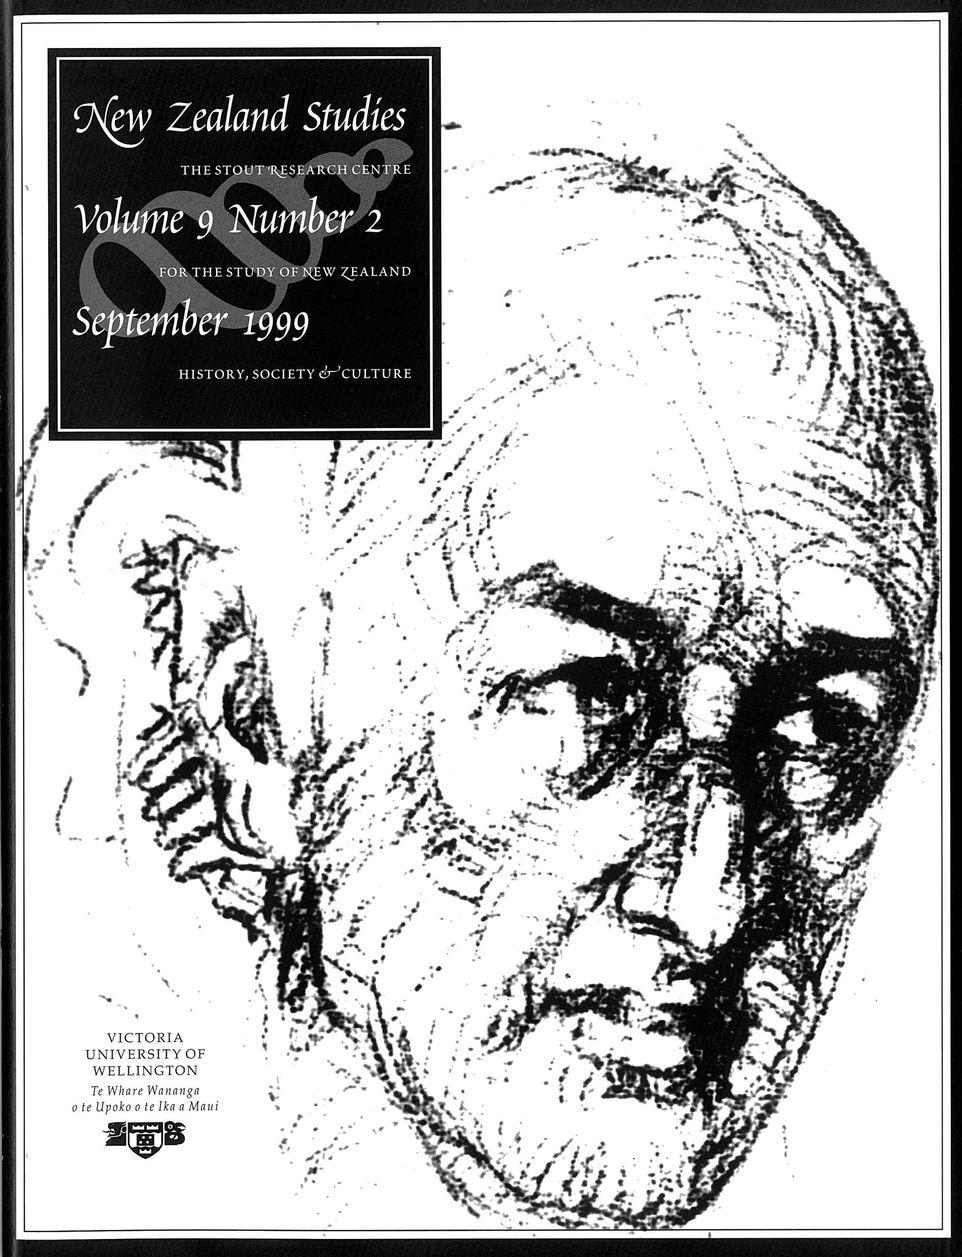 New Zealand Studies 1999 Vol.9 No.2